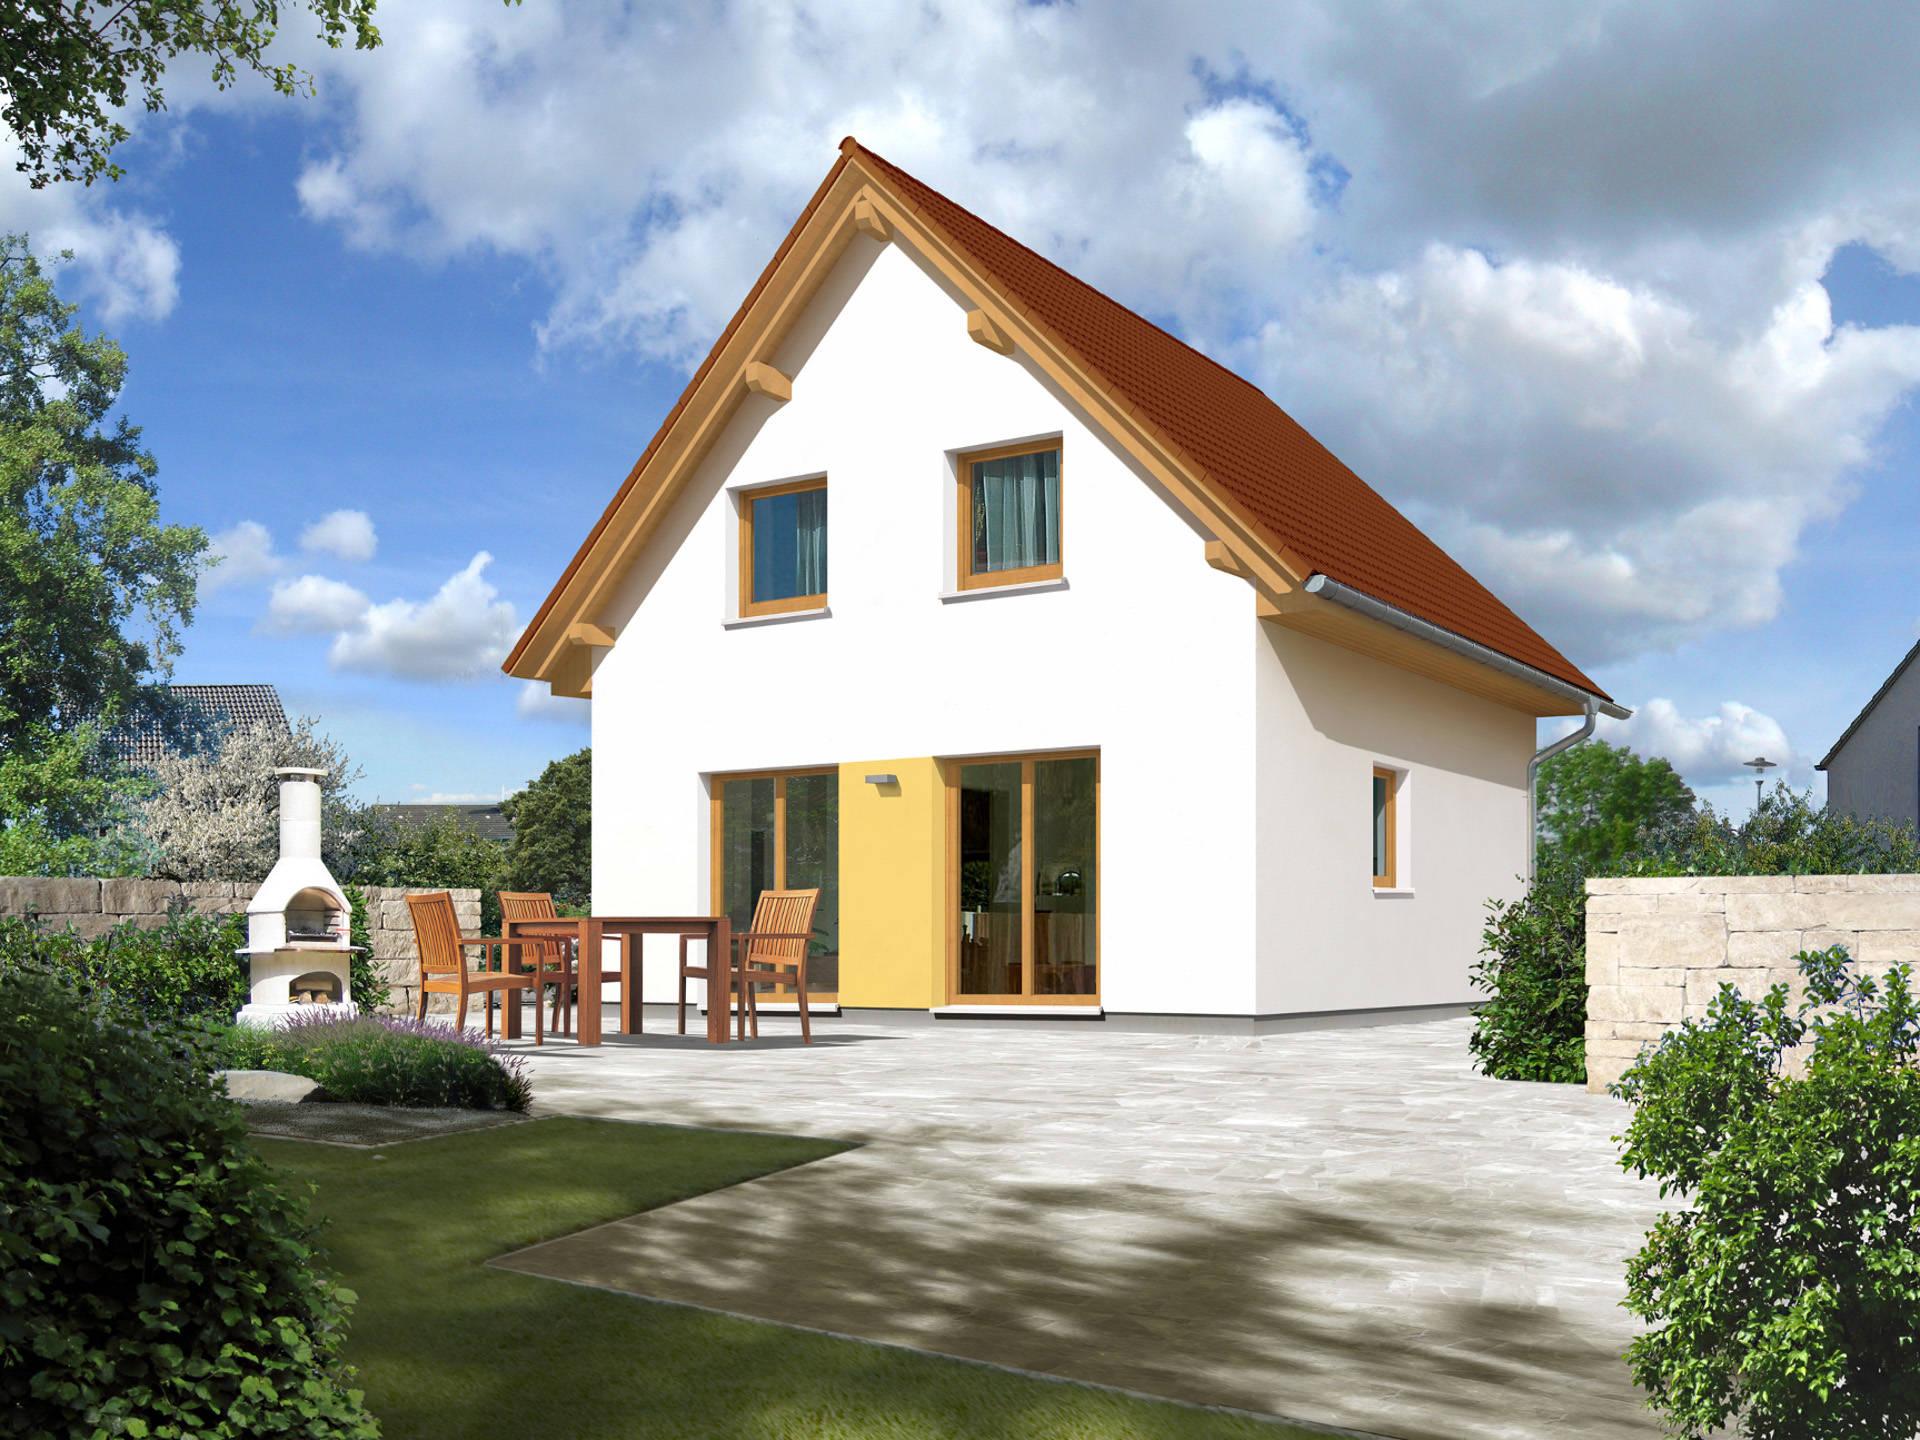 HAPPY HAUS BAU - Häuser, Preise, Erfahrungen